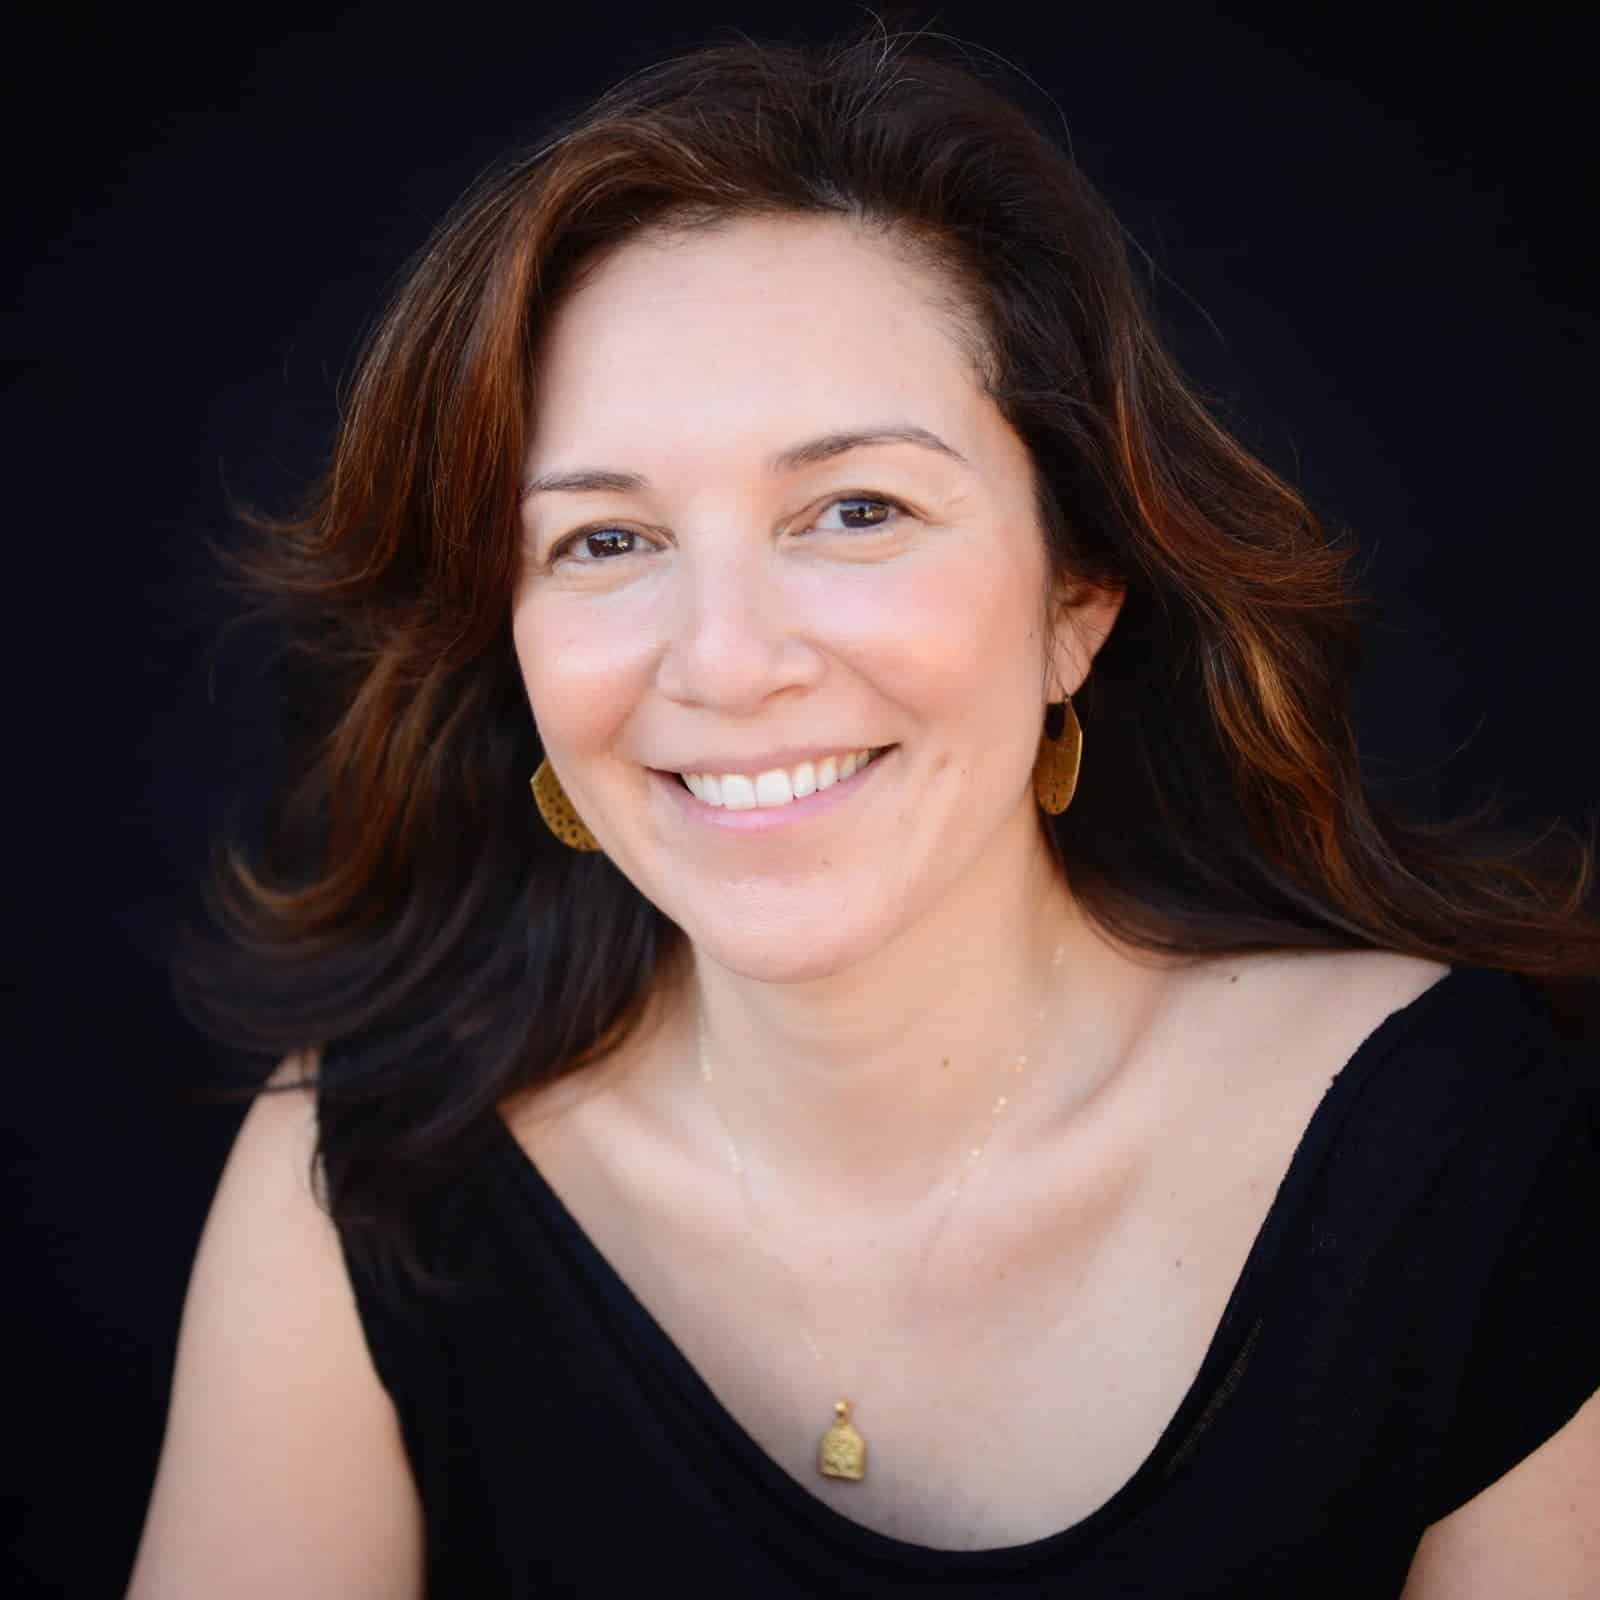 Erica Medina Stanulis